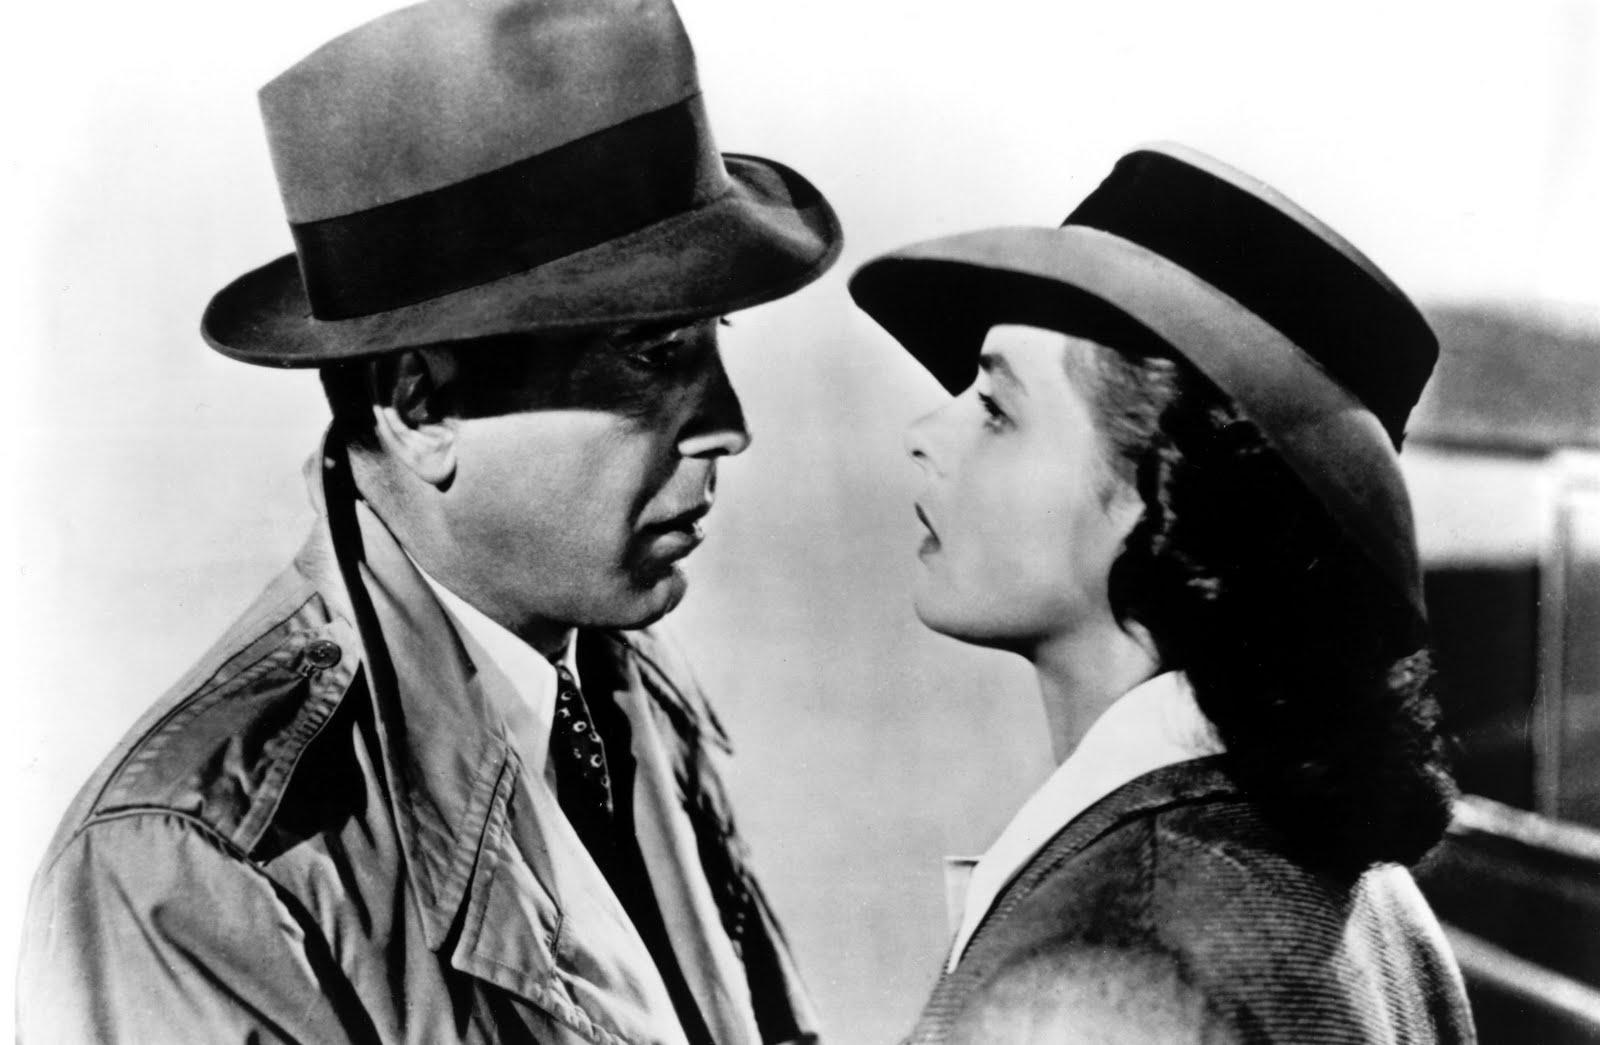 Obra se tornou clássica ao abordar a impossibilidade do amor (Foto: Reprodução)